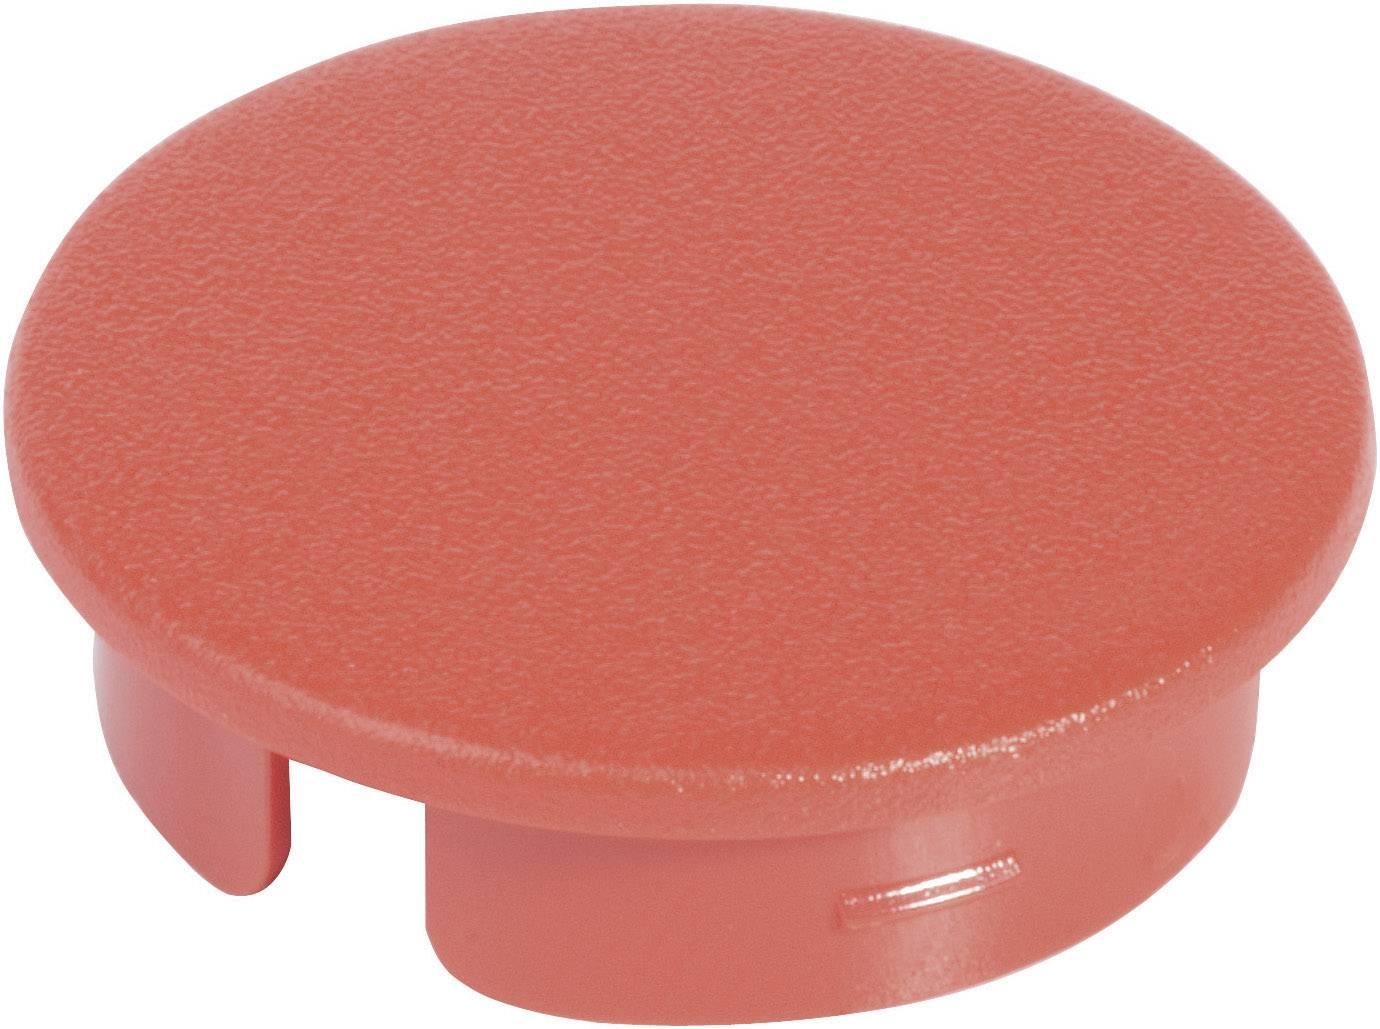 Krytka na otočný knoflík s ukazatelem OKW, pro knoflíky/O 31 mm, červená